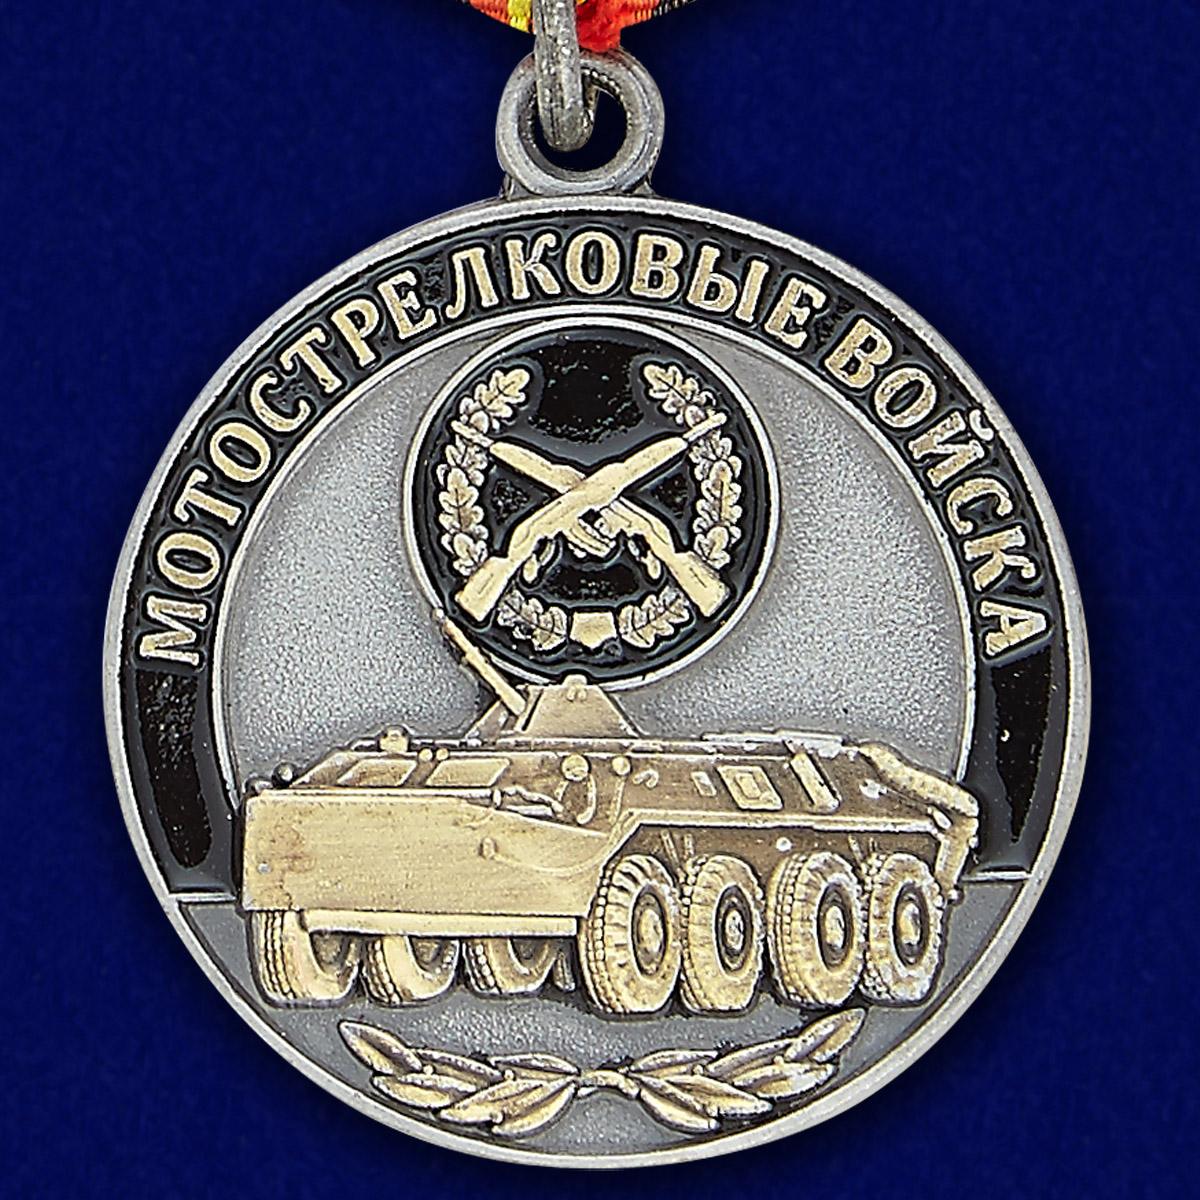 """Купить медаль """"Ветеран Мотострелковых войск"""" в наградном футляре"""